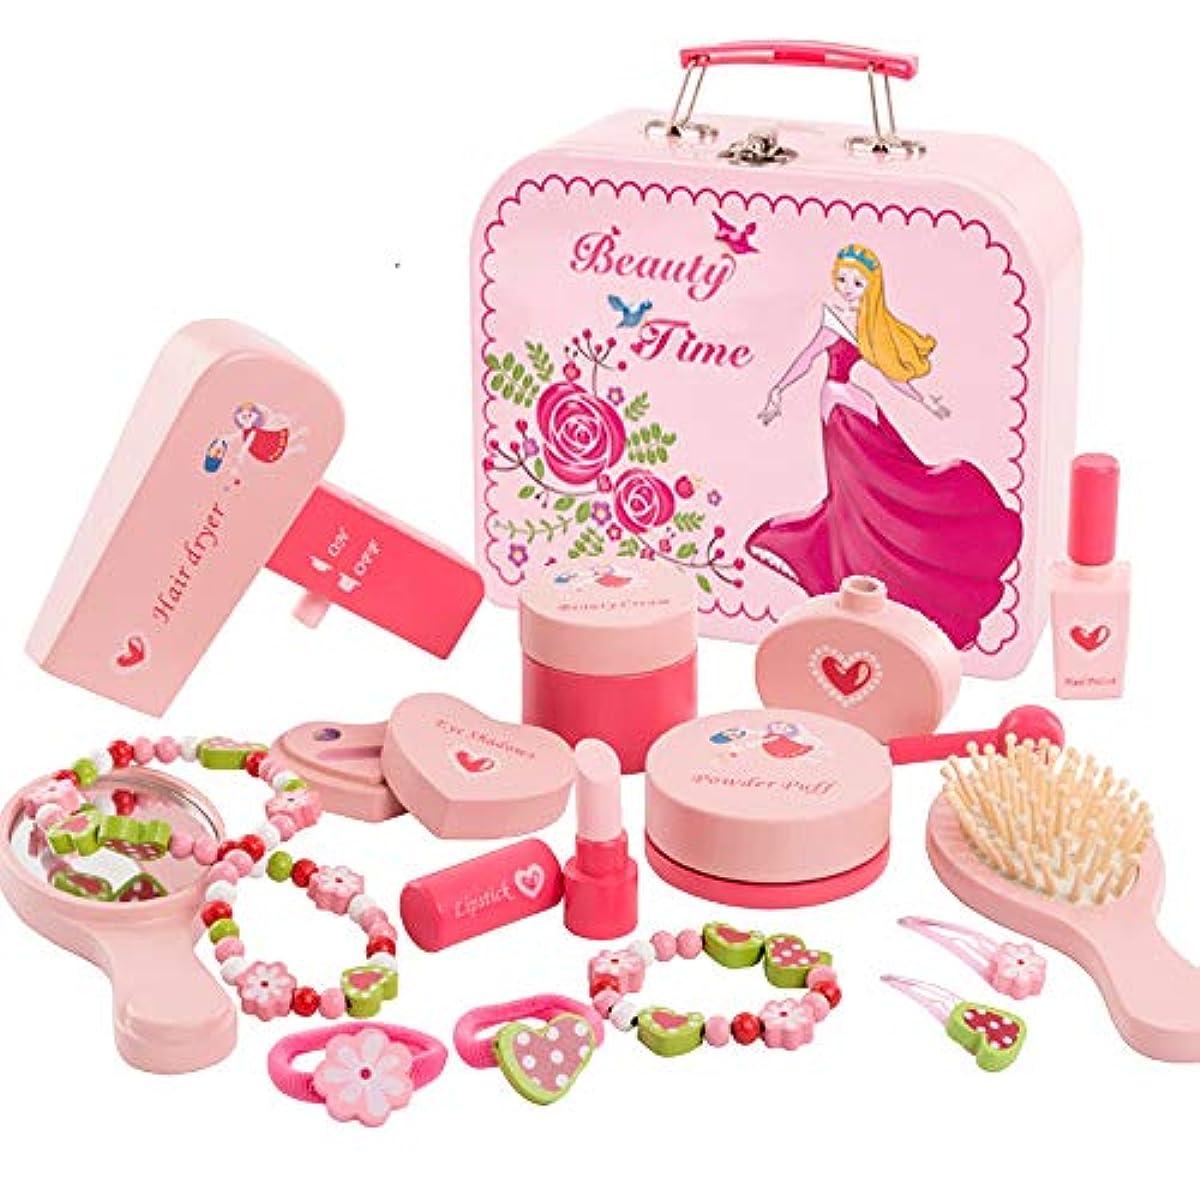 [해외] HJXDJP-내구성이 있는 목제의 ## 플레이 세트,어린이용 화장품 장난감,헤어 드라이어이어와 빗과 거울,합성피혁계16개의 화장 도구,금속의 화장품 상자에 가득 처넣어져 있는다 (16 PCS)